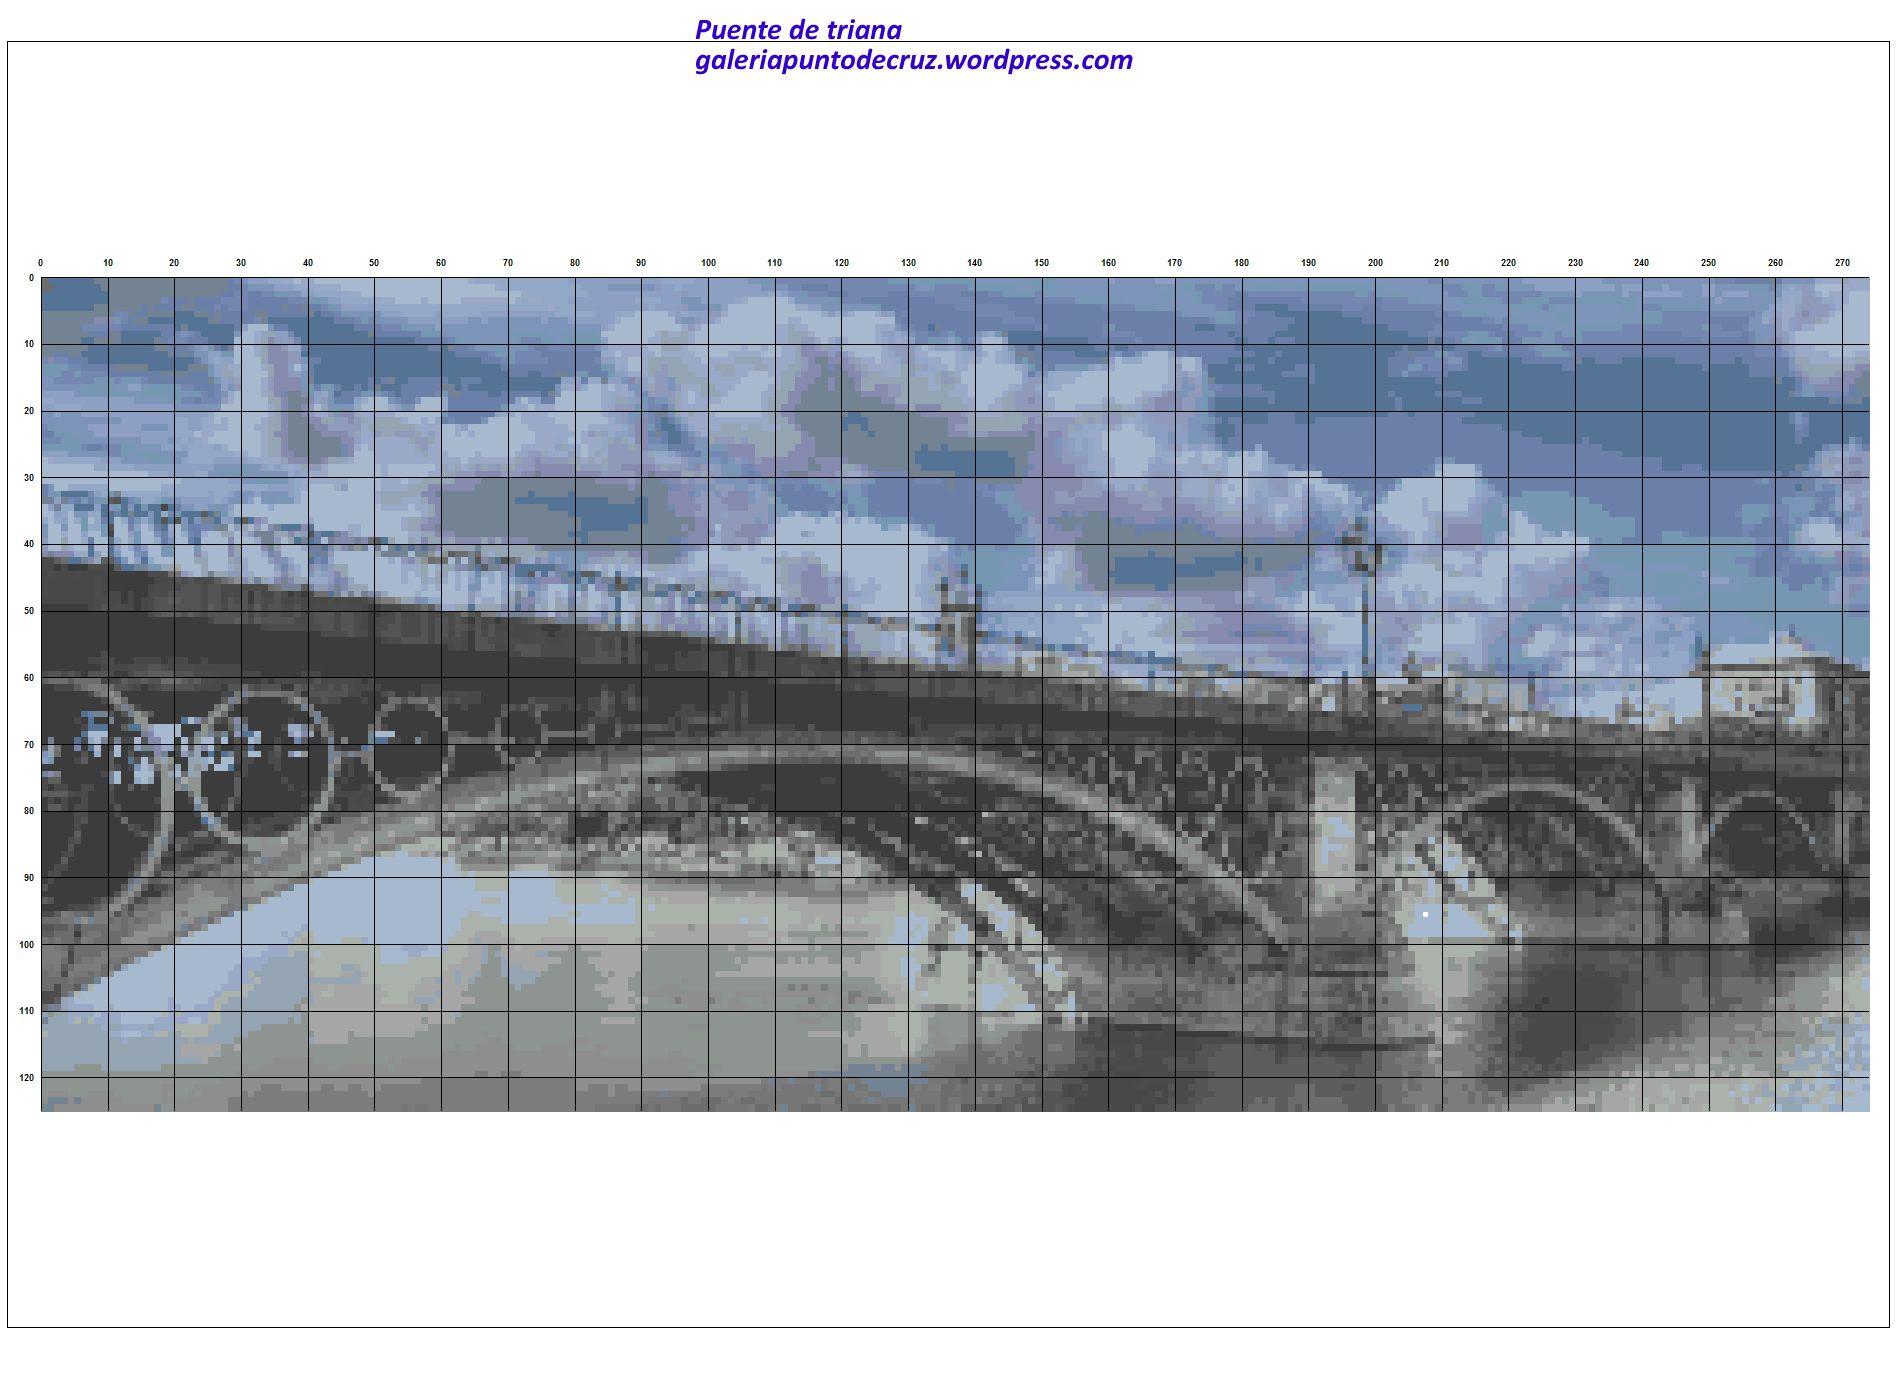 Puente de triana a punto de cruz   Pinterest   Puentes, Punto de ...